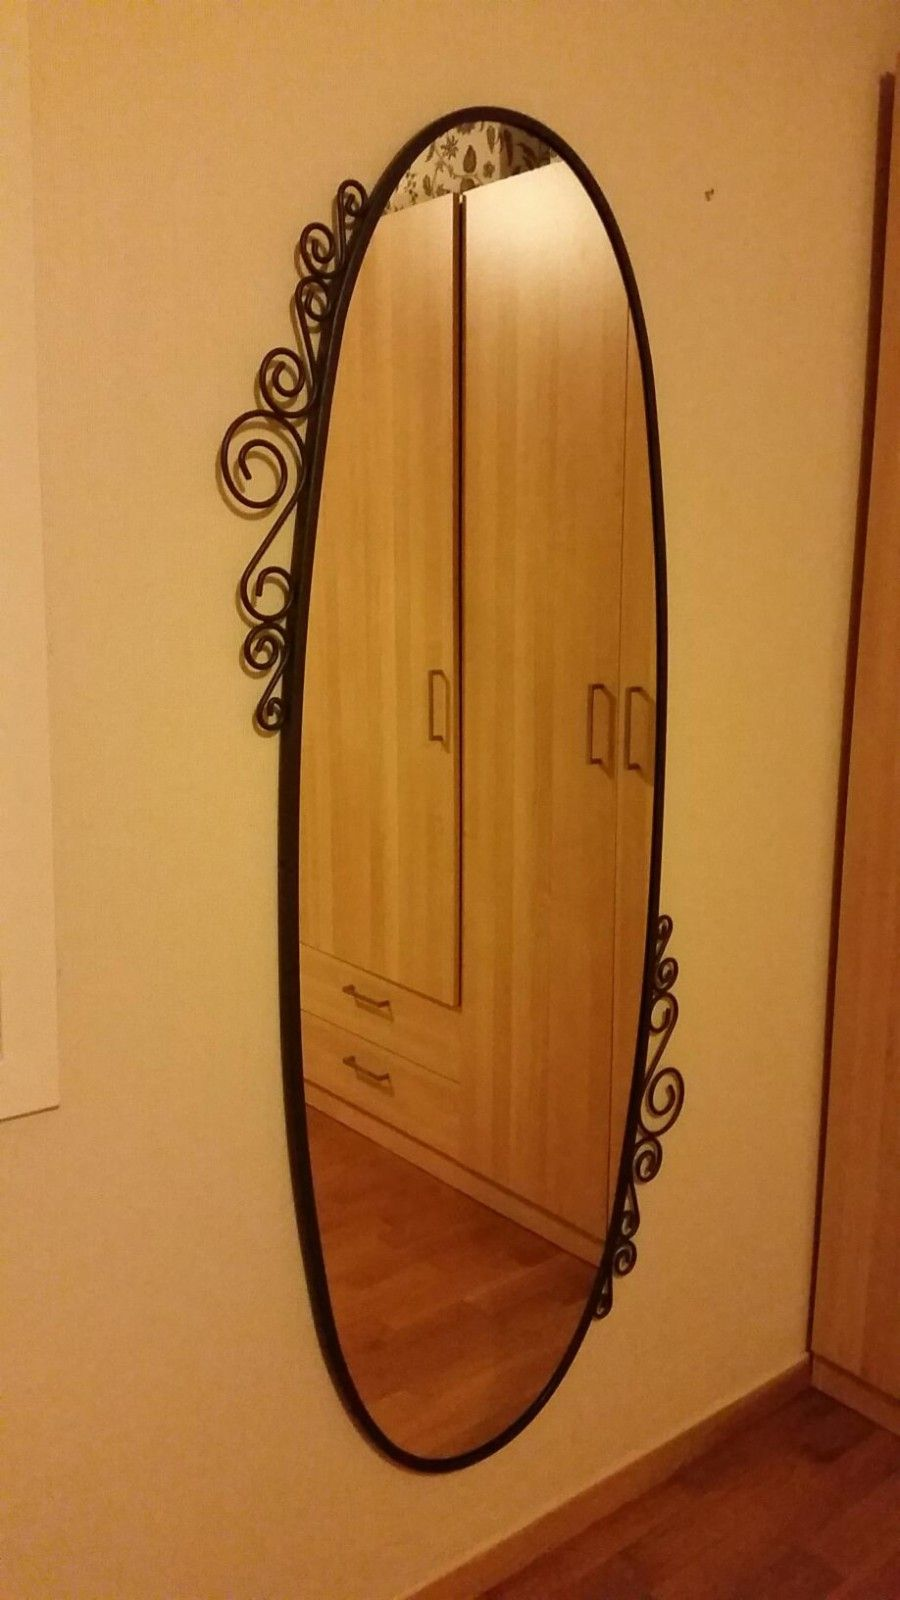 Oval speil 150 cm x 70 cm - Trondheim  - Oval speil i god stand selges på grunn av flytting.  Høyde 150 cm - Trondheim